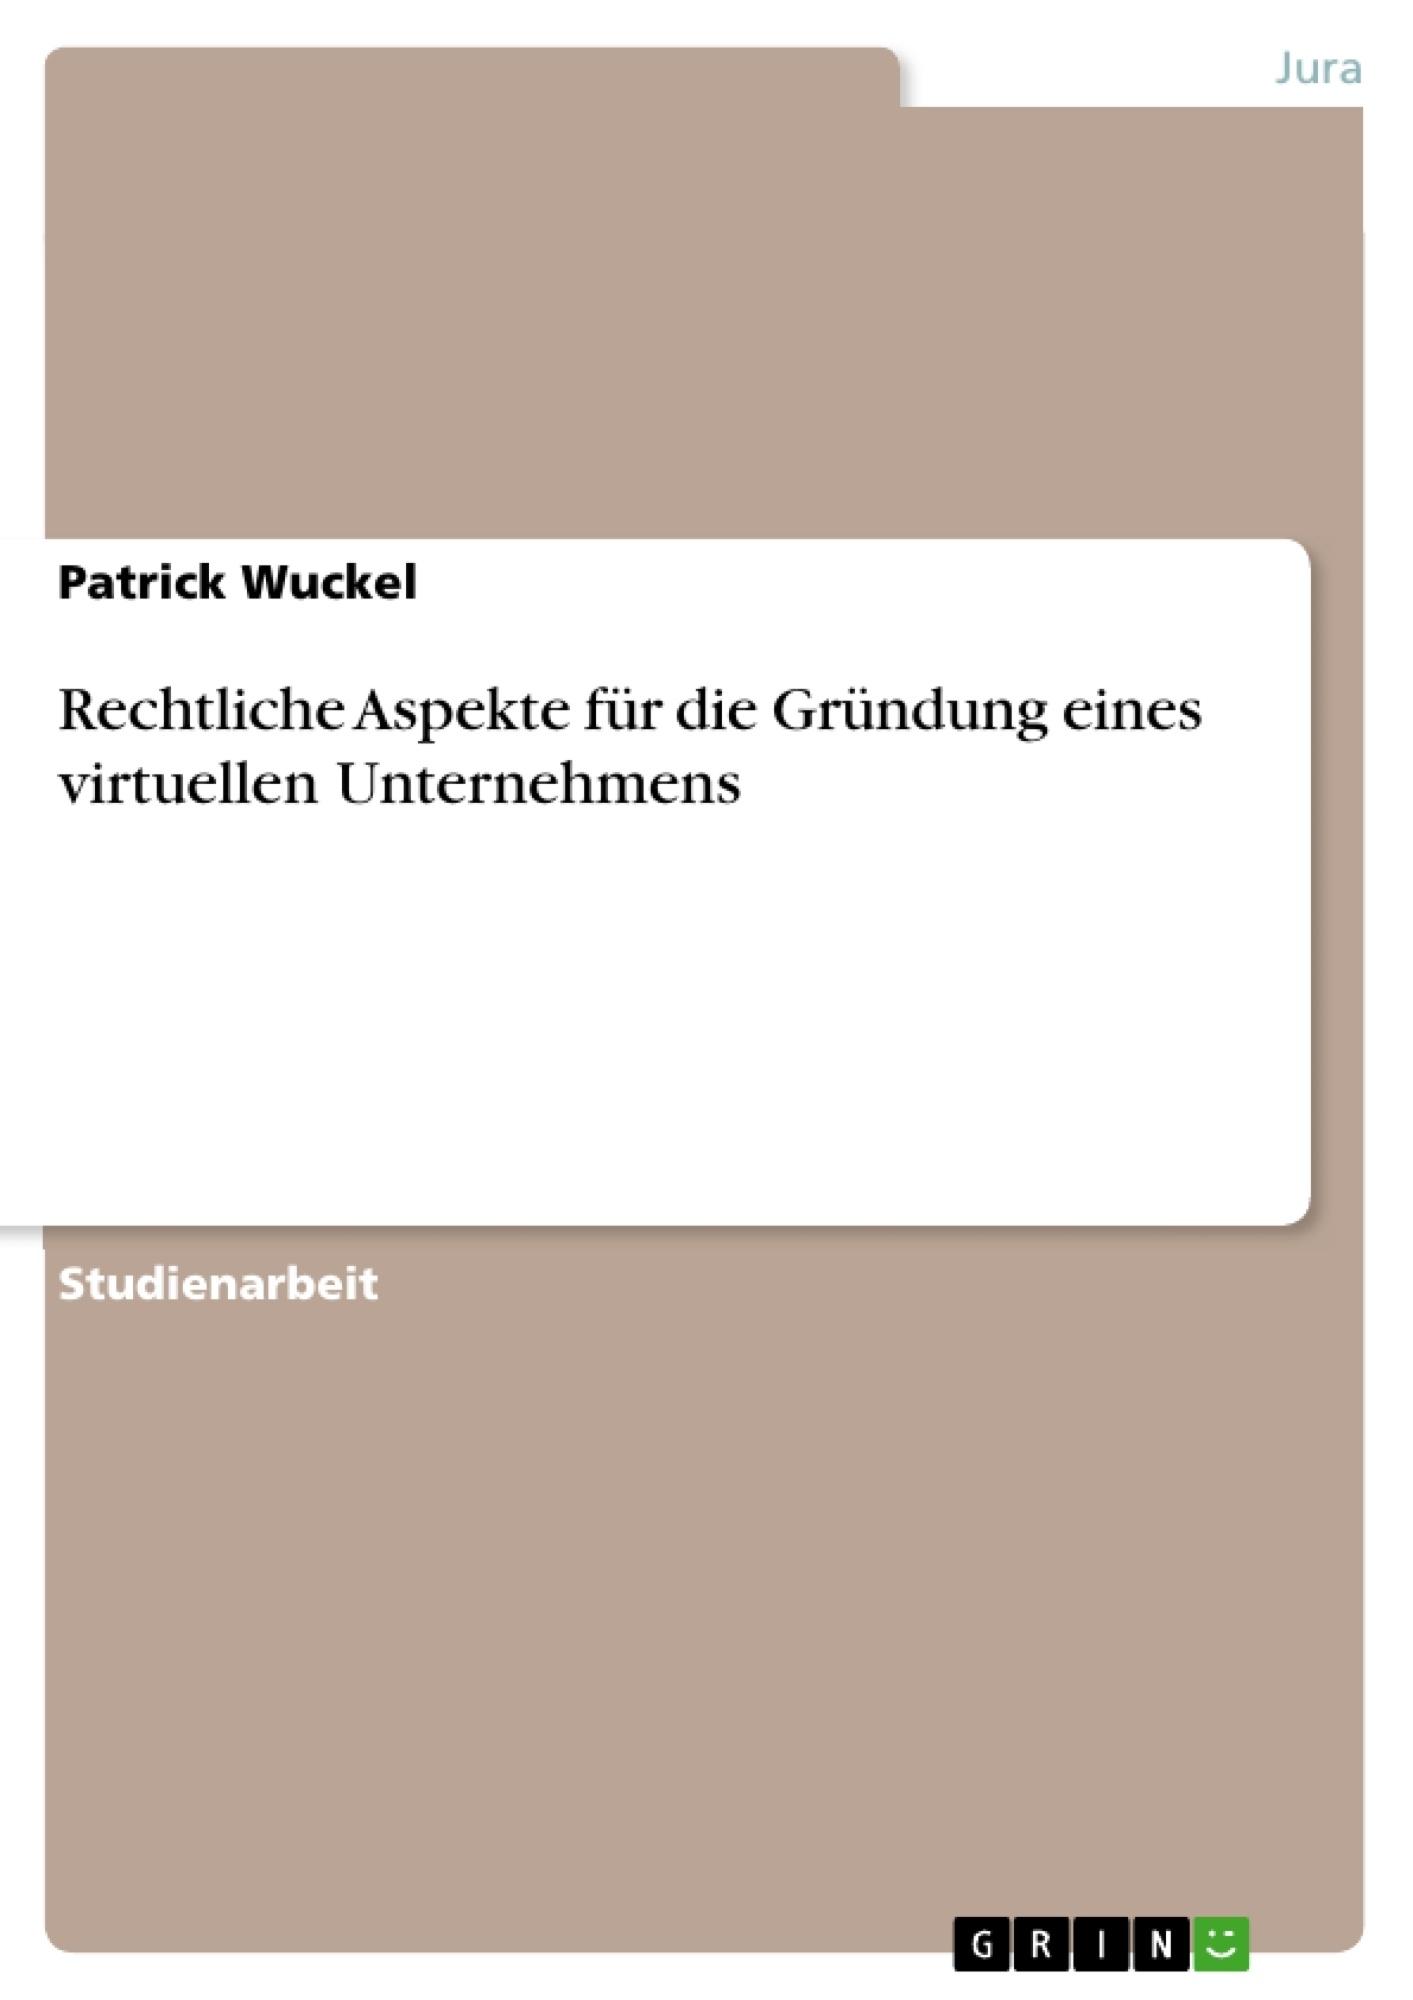 Titel: Rechtliche Aspekte für die Gründung eines virtuellen Unternehmens